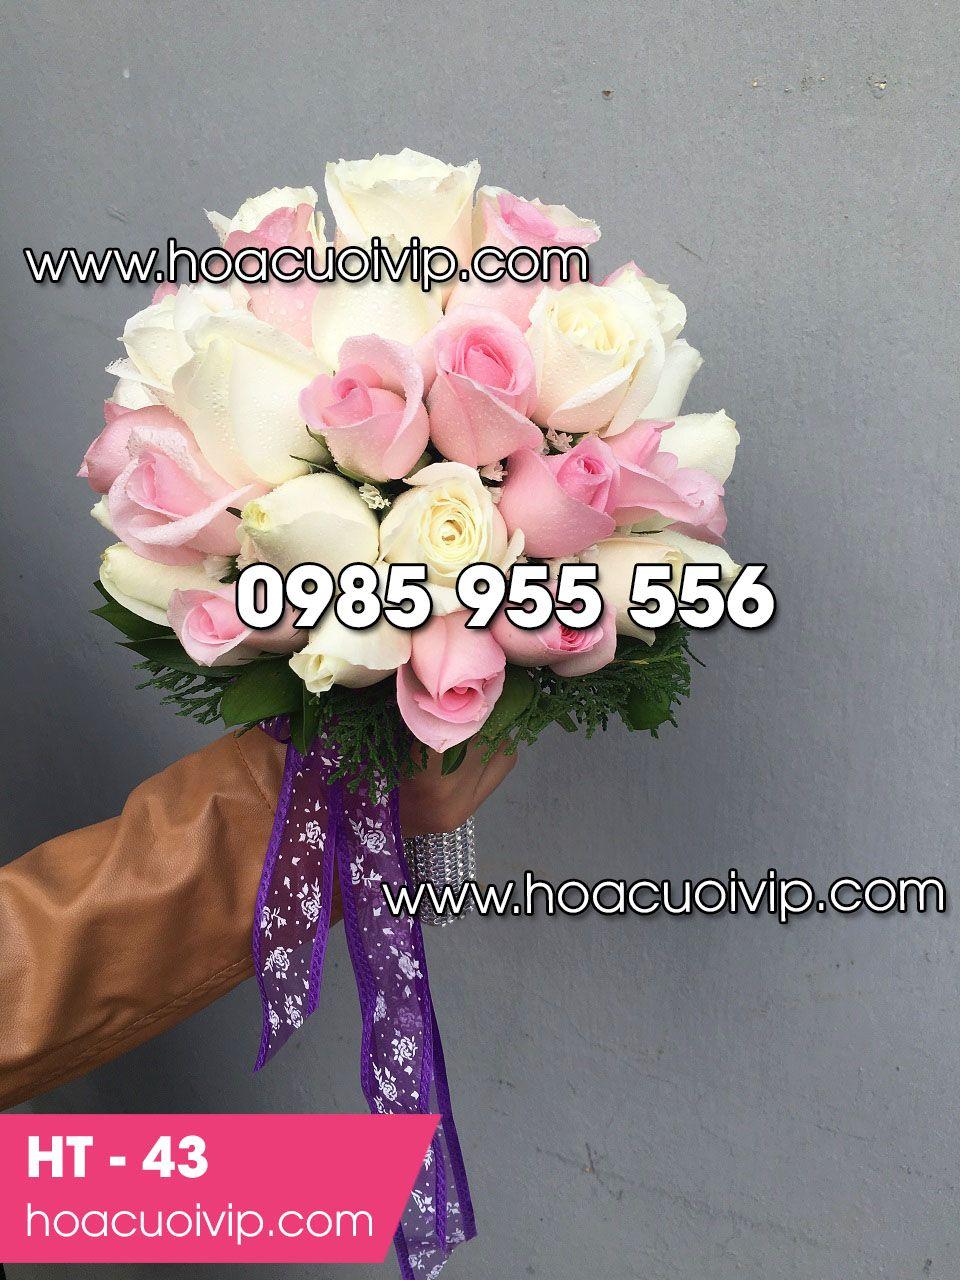 Bạn đang tìm kiểu hoa cưới cầm tay đẹp hợp với bộ váy cưới và phong cách điểm trang của mình? Hãy tham khảo ngay 5 kiểu hoa cưới cầm tay cô dâu đang làm mưa làm gió trong năm 2017 này. Không những vậy, chúng tôi còn tư vấn những kiểu váy cưới hiệp với mỗi loại hoa để bạn có thể chọn lựa được bó...